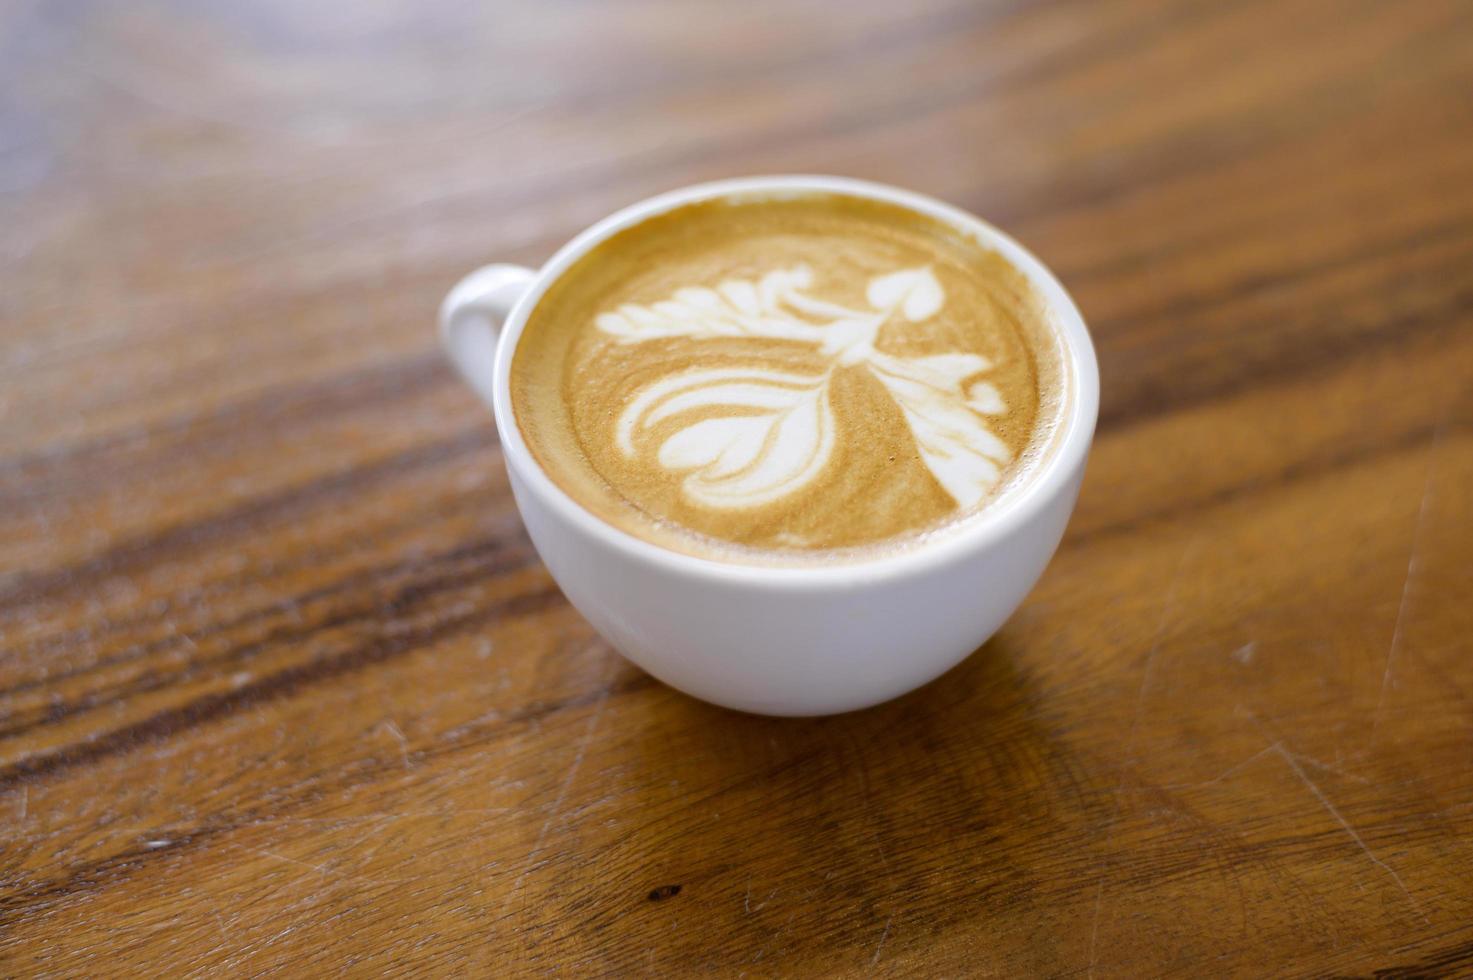 tasse avec art latte photo